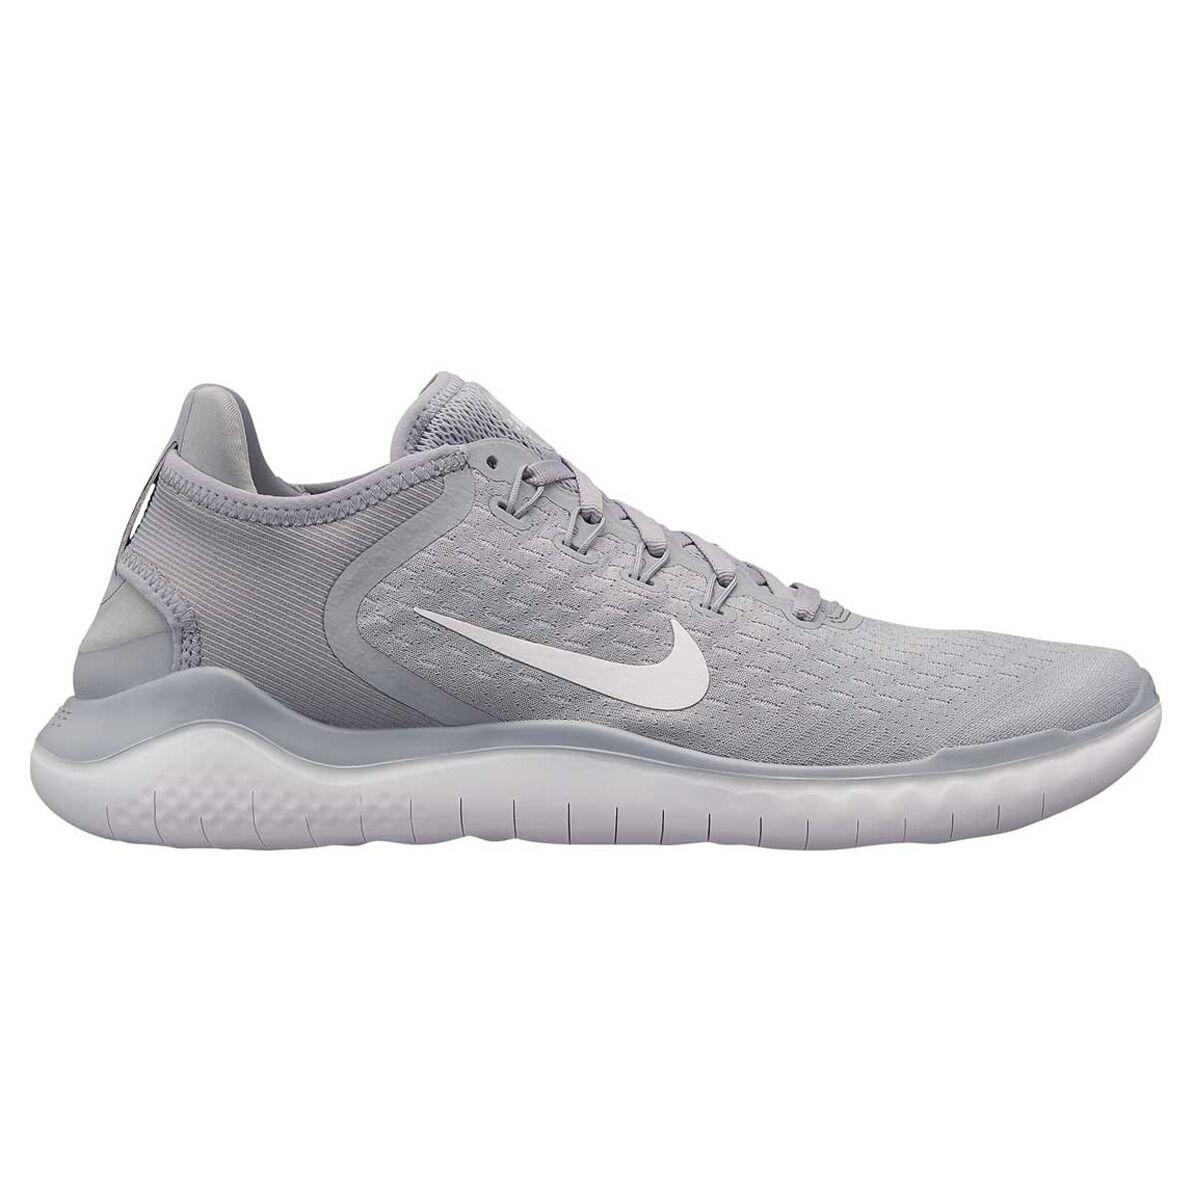 e3842b076db ... buy nike free rn 2018 mens running shoes grey white us 9.5 grey white  f730e 44953